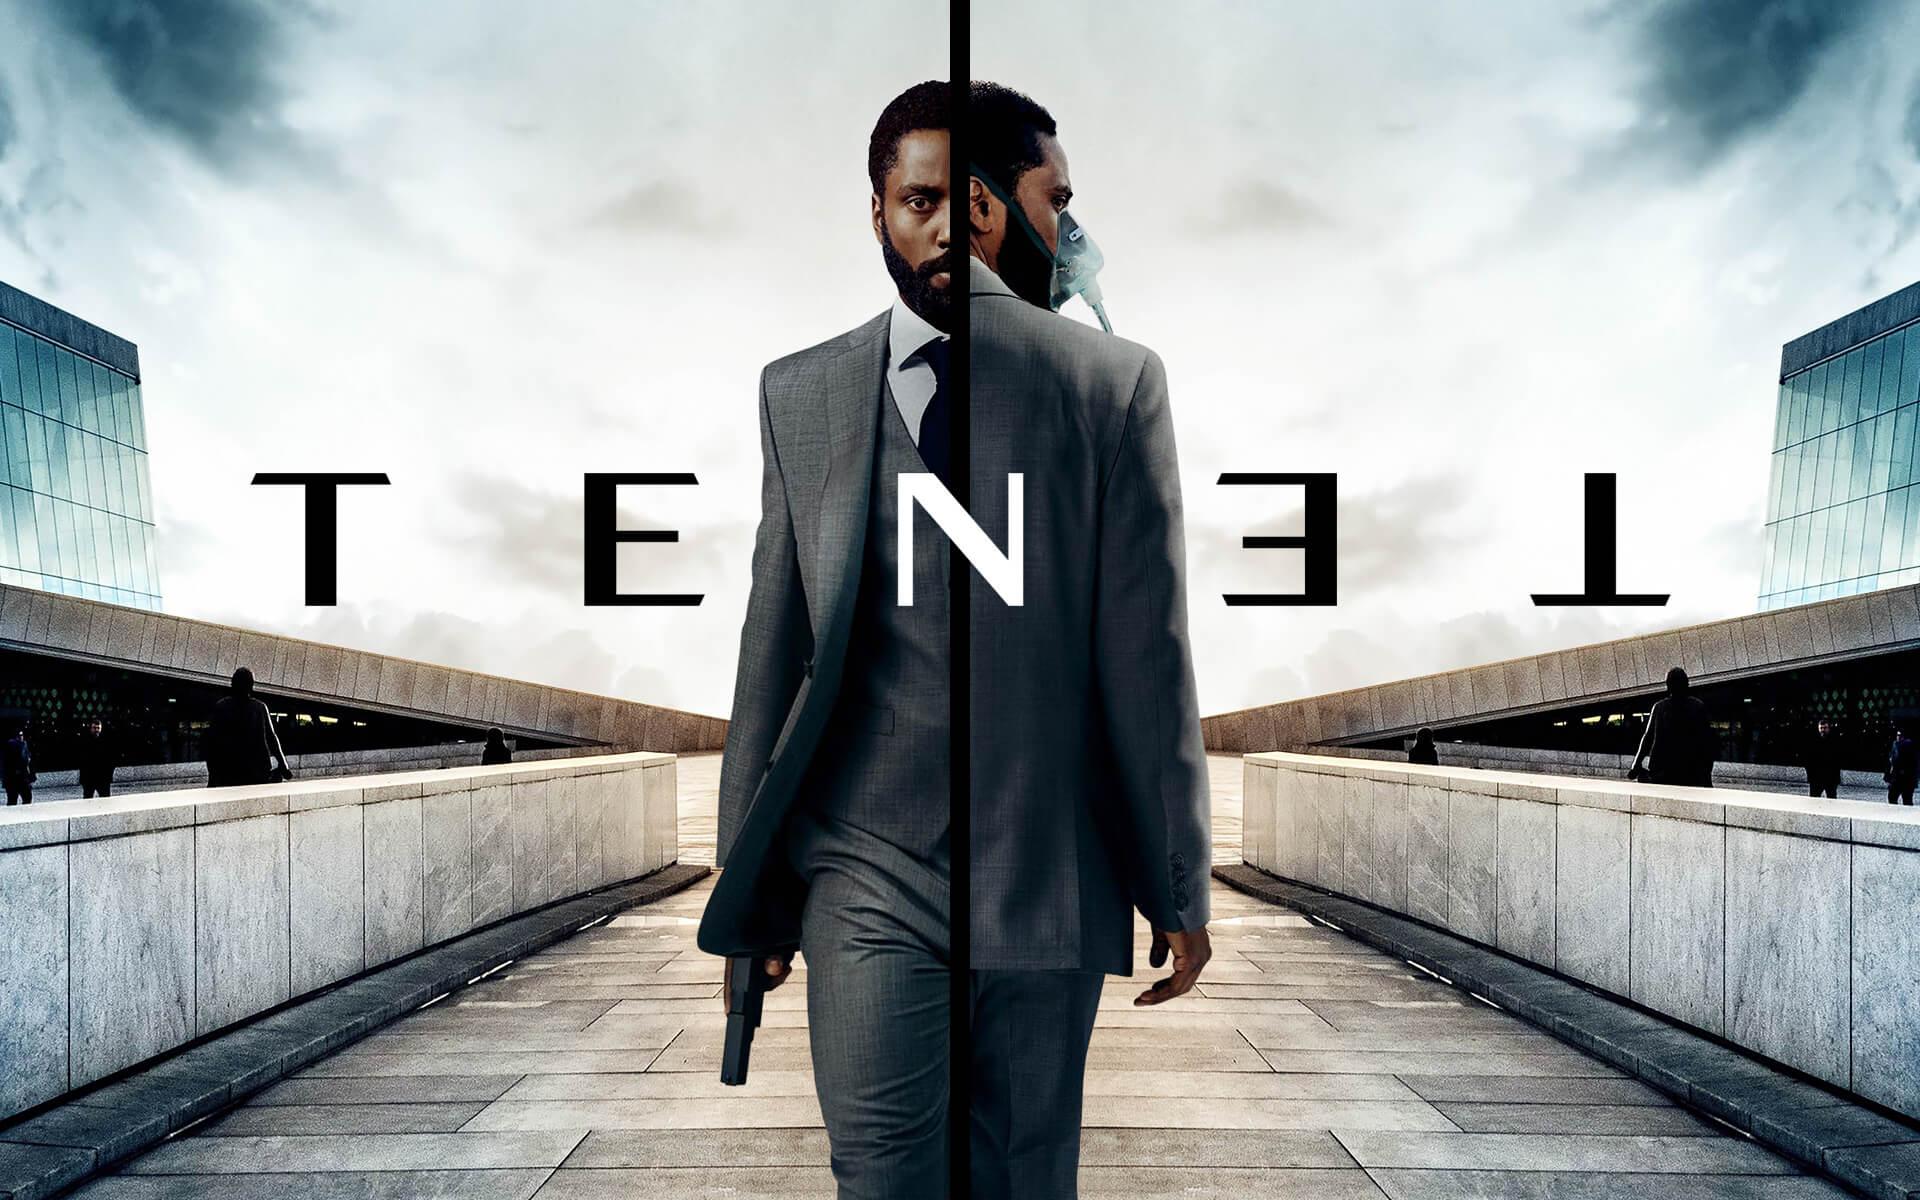 Tenet: La prometedora película de Christopher Nolan que se estrenará en  cines chilenos — Rock&Pop